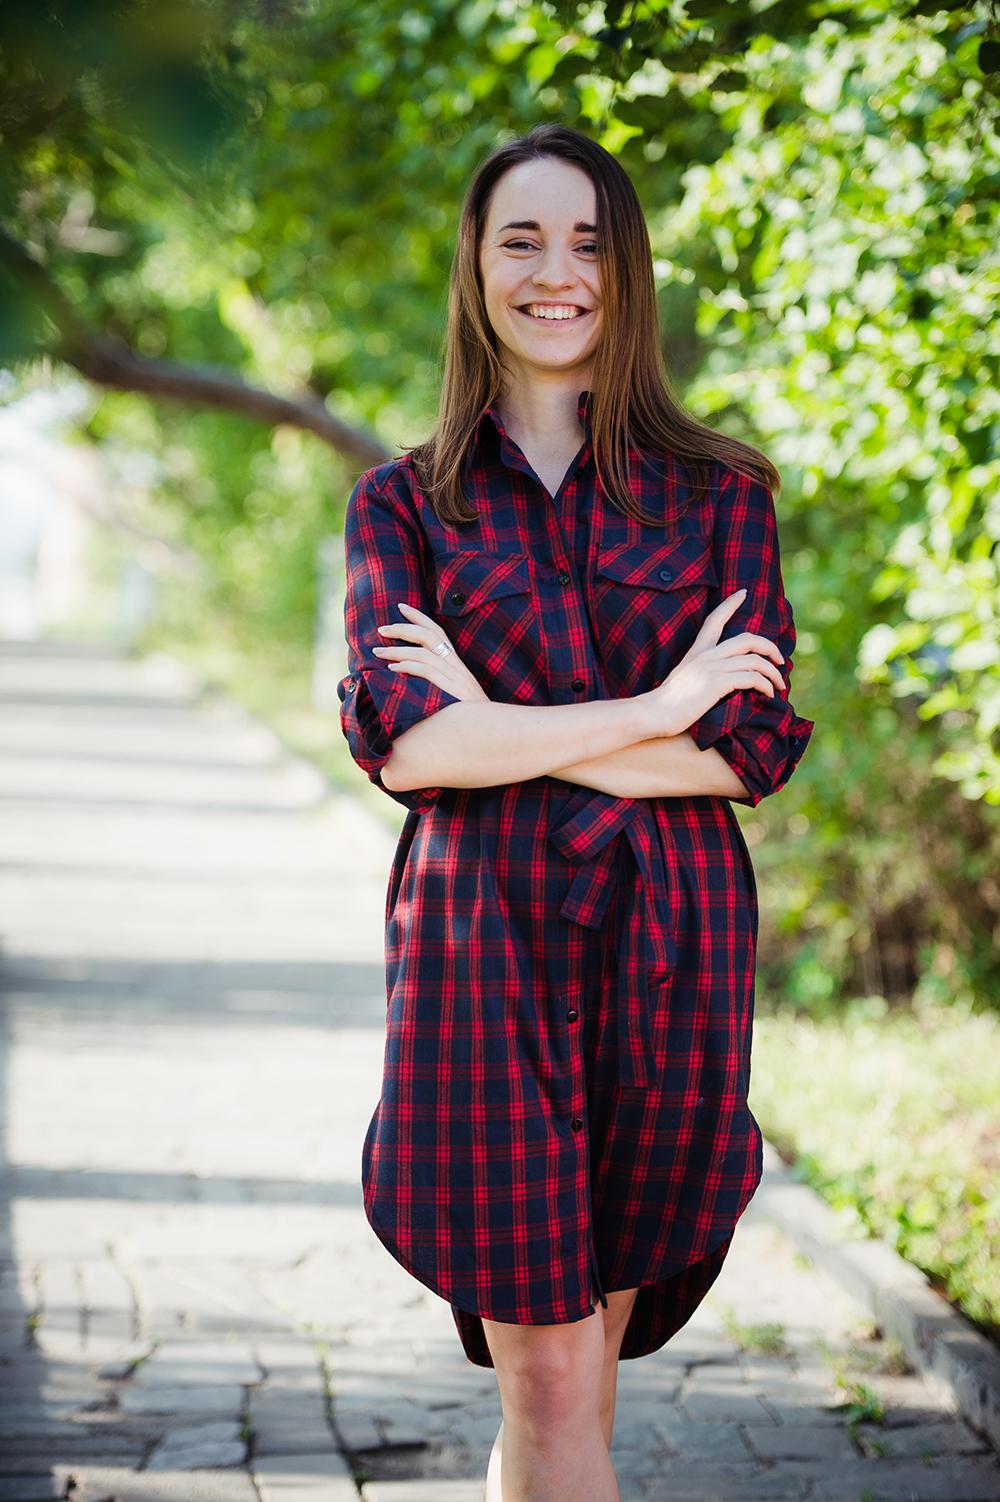 checkered dress kateillustrate for Tissen